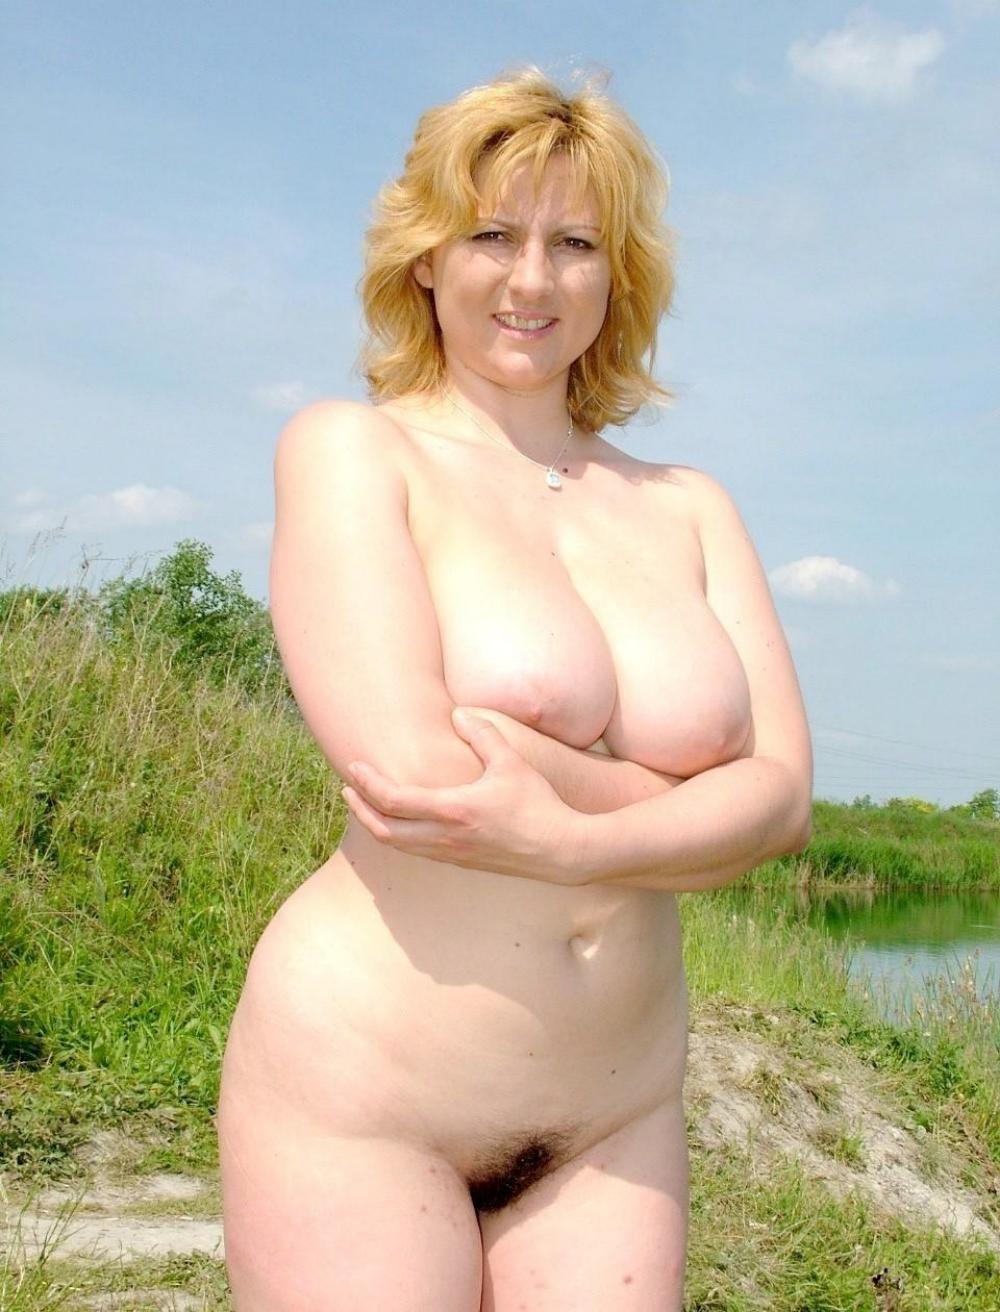 Зрелые волосатые женщины на природе русская блондинка голая с мохнатой пиздой красивыми сиськами , шикарной фигурой стоит возле пруда